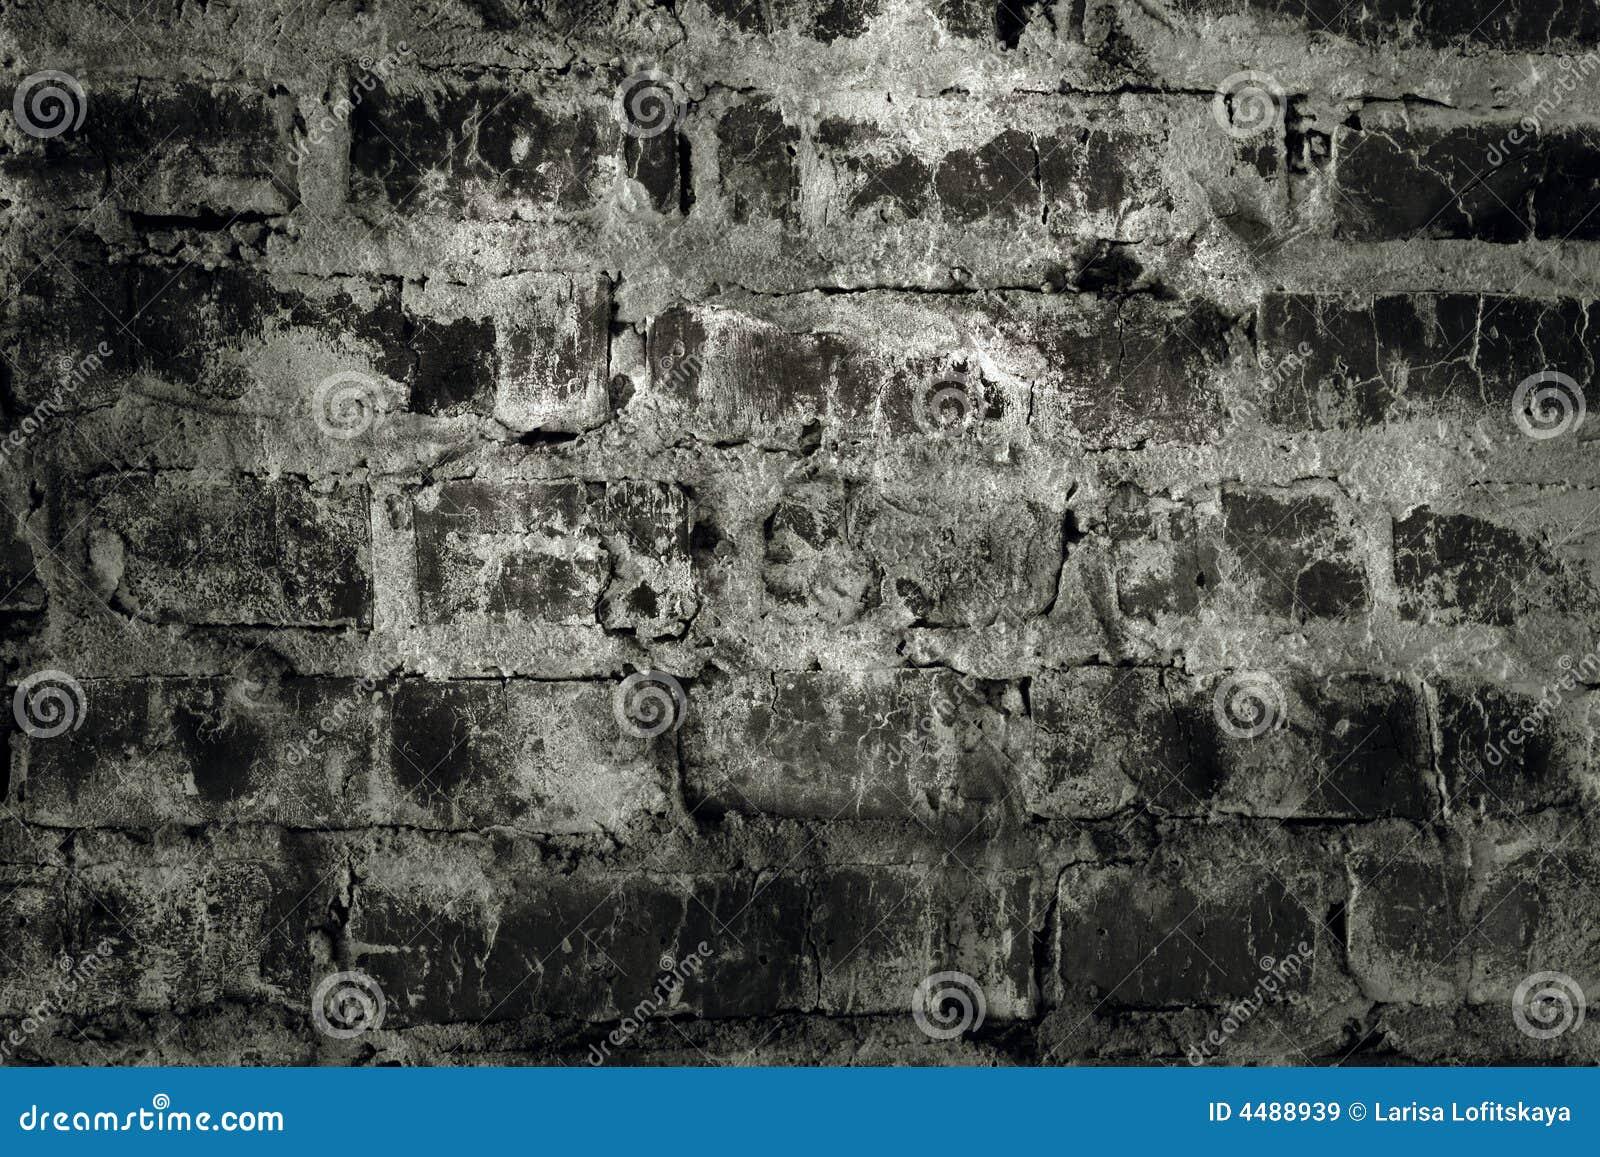 texture de vieux mur pierreux image stock image du rep r g 4488939. Black Bedroom Furniture Sets. Home Design Ideas